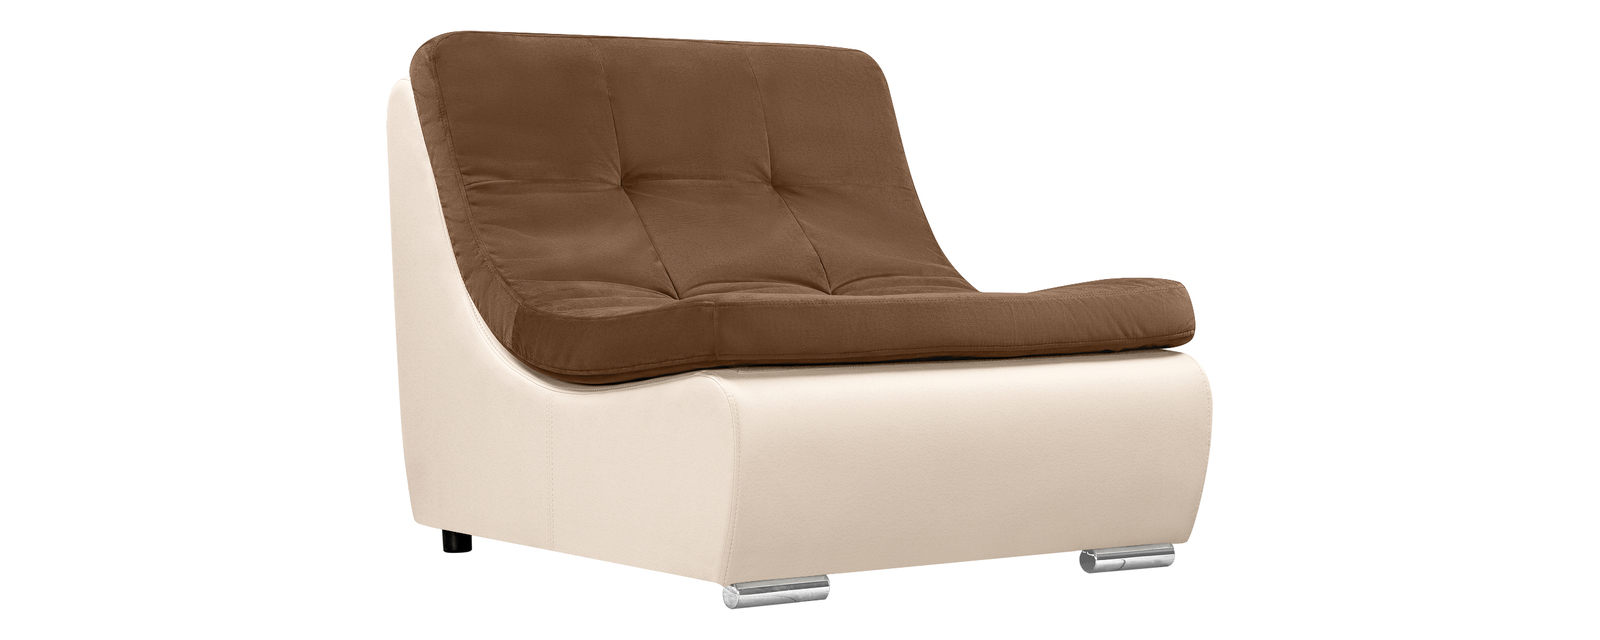 Кресло тканевое Лос-Анджелес Velure коричневый (Велюр + Экокожа)